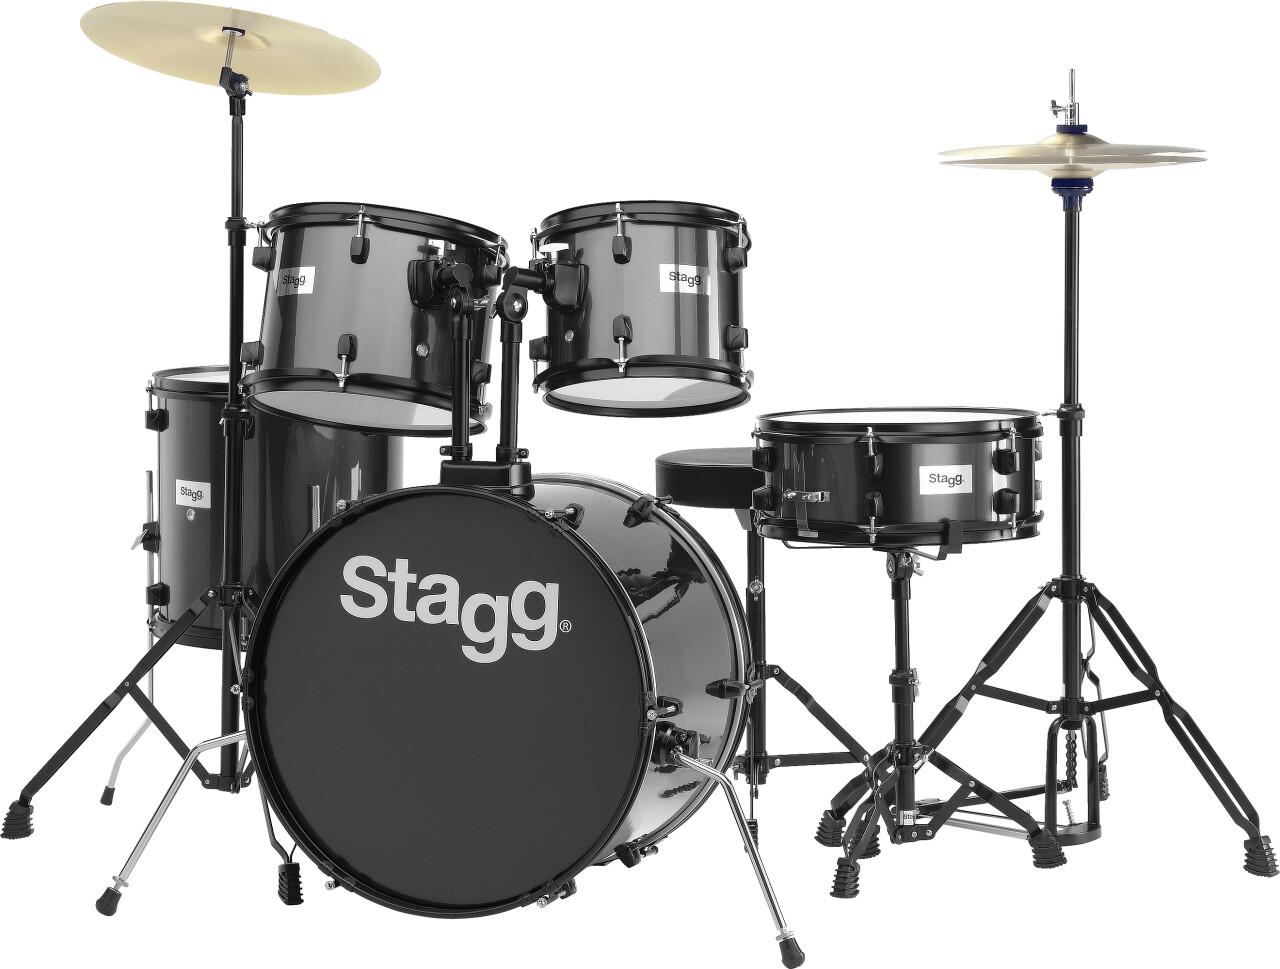 """5-teiliges, 20"""" Standard Linden Schlagzeug m. Hardware u. Becken"""